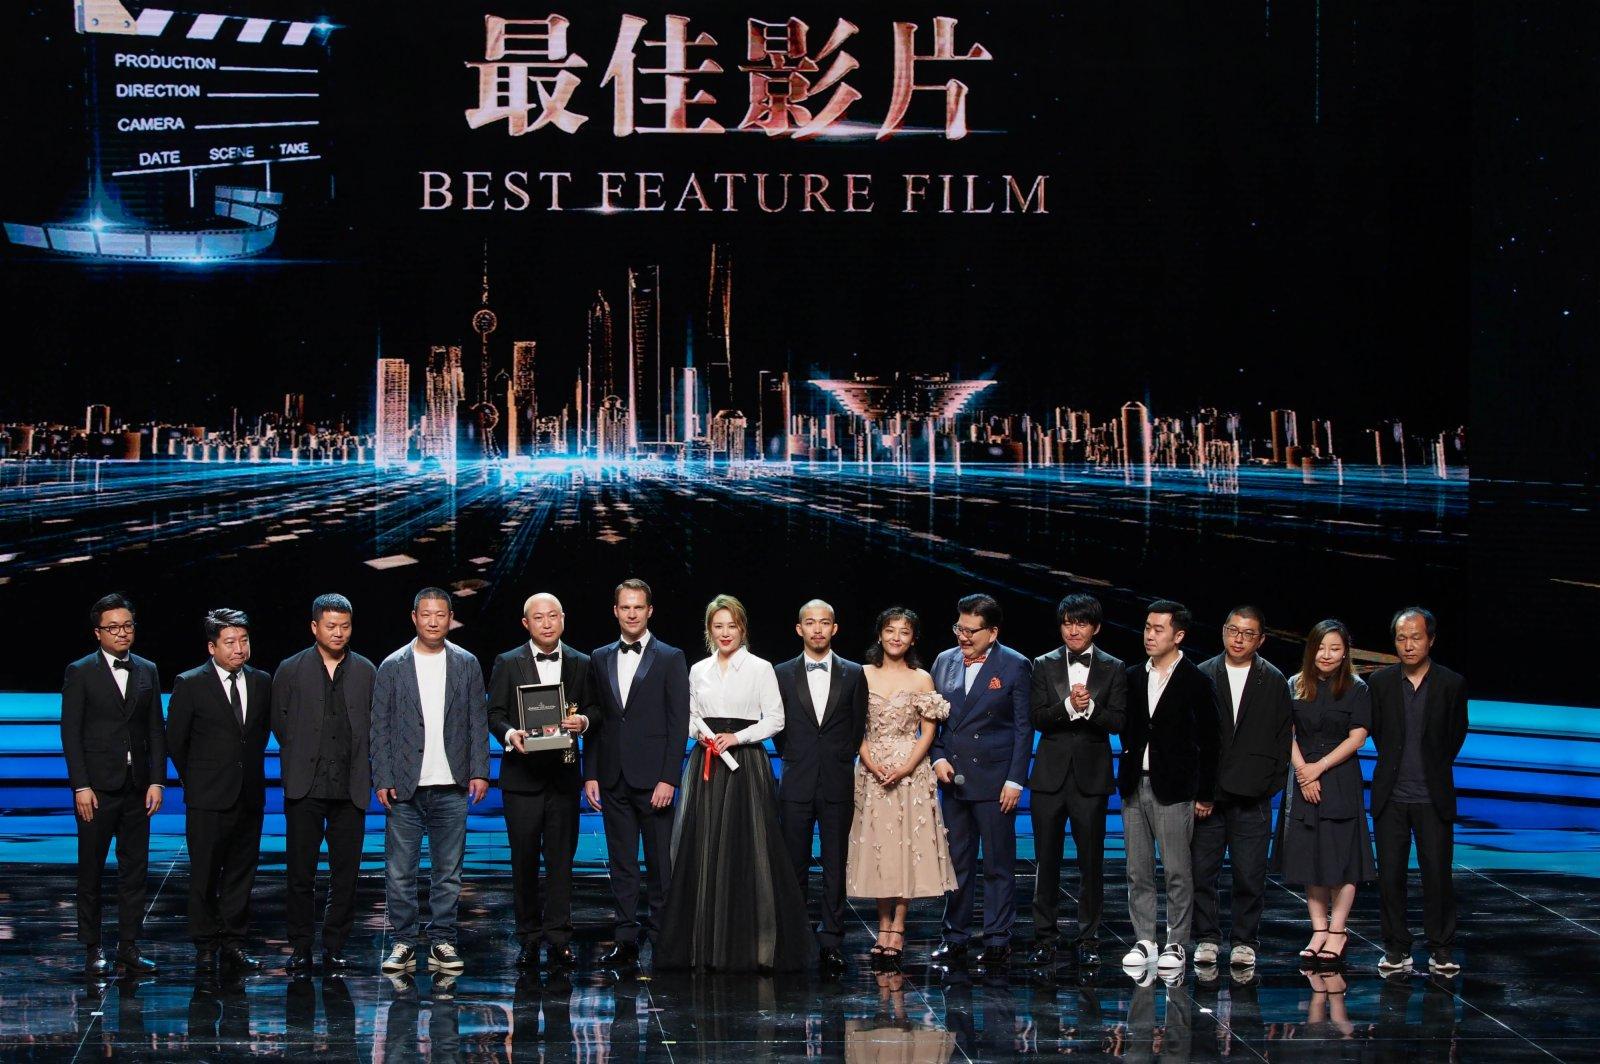 6月19日,第24屆上海國際電影節金爵獎頒獎典禮在上海文化廣場舉行。獲得金爵獎最佳影片的中國影片《東北虎》劇組上台領獎。(新華社)